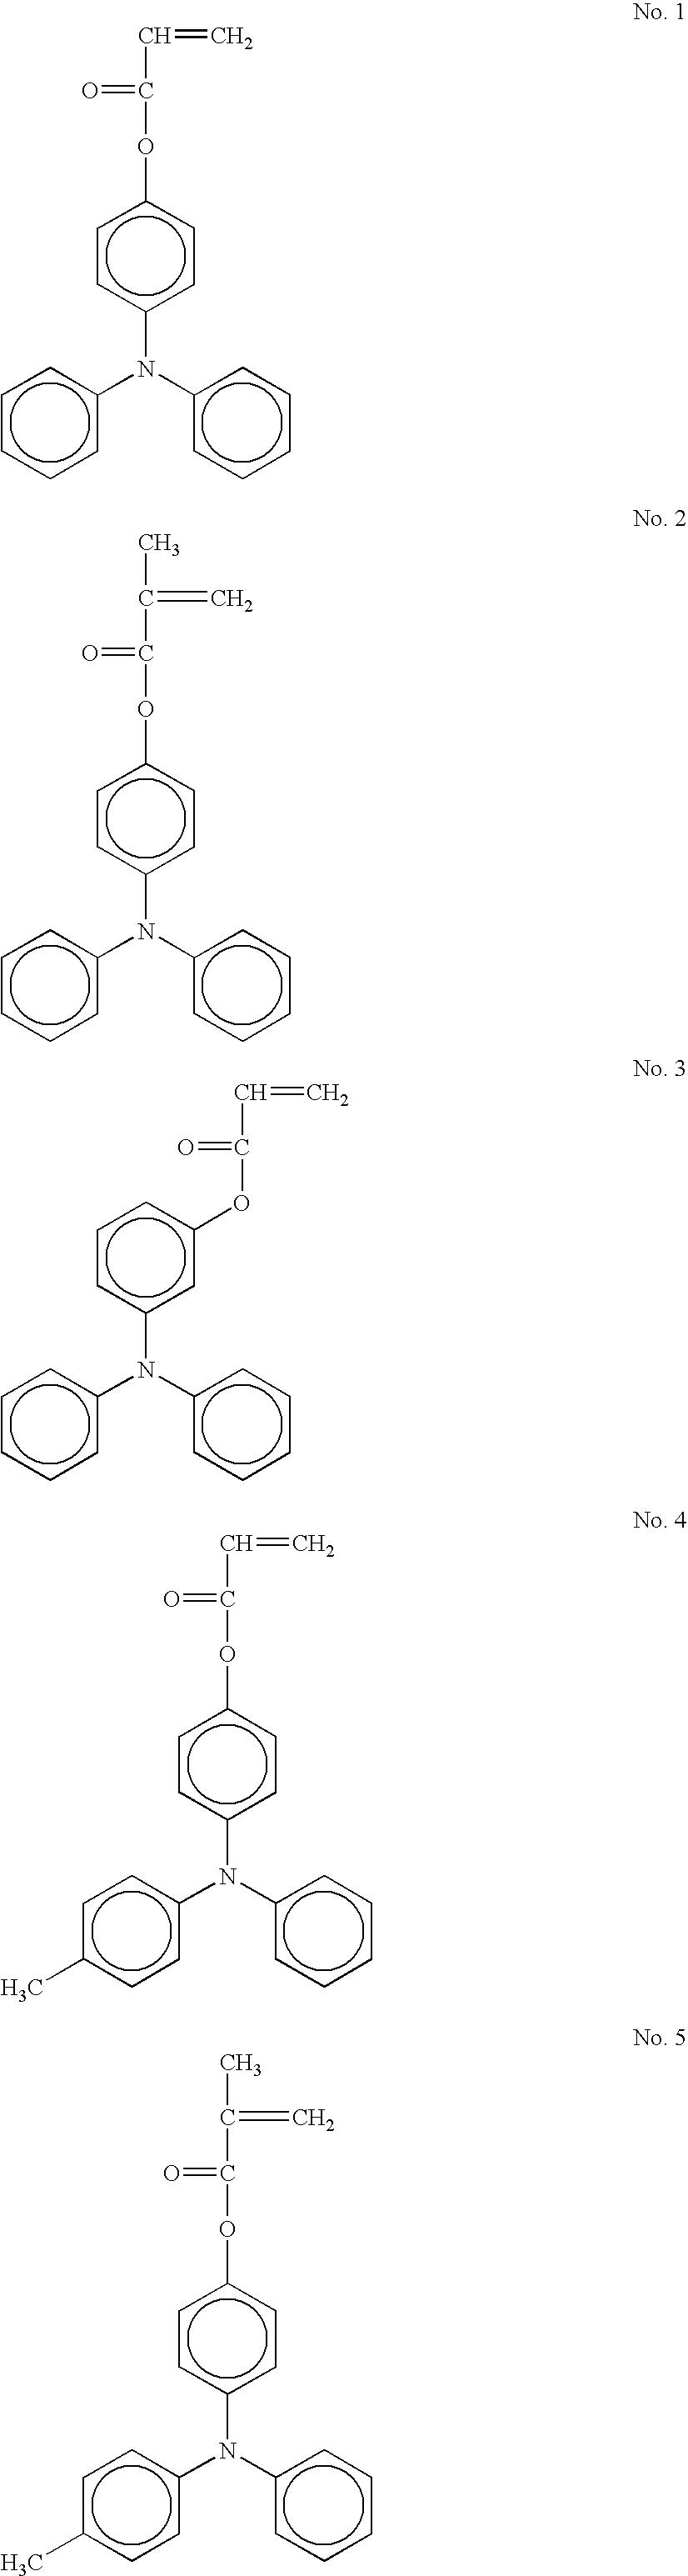 Figure US07361438-20080422-C00012